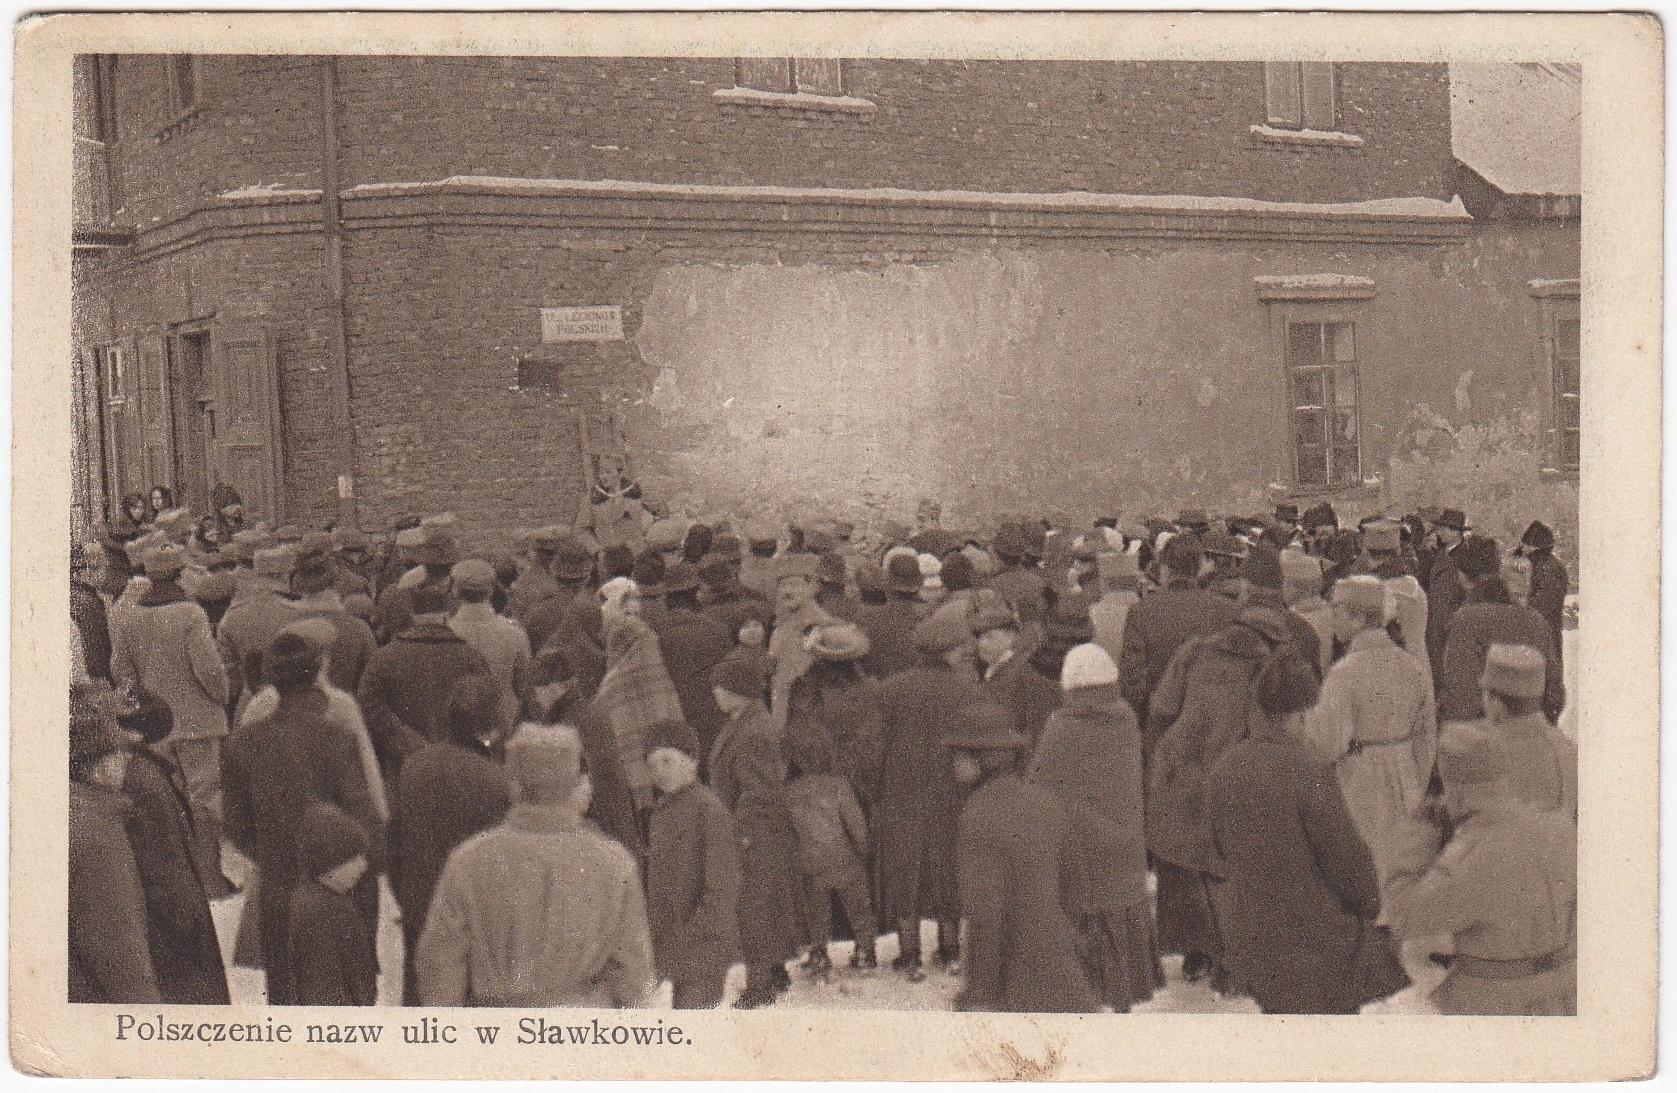 Sławków polszczenie nazw ulica tłum (1915)